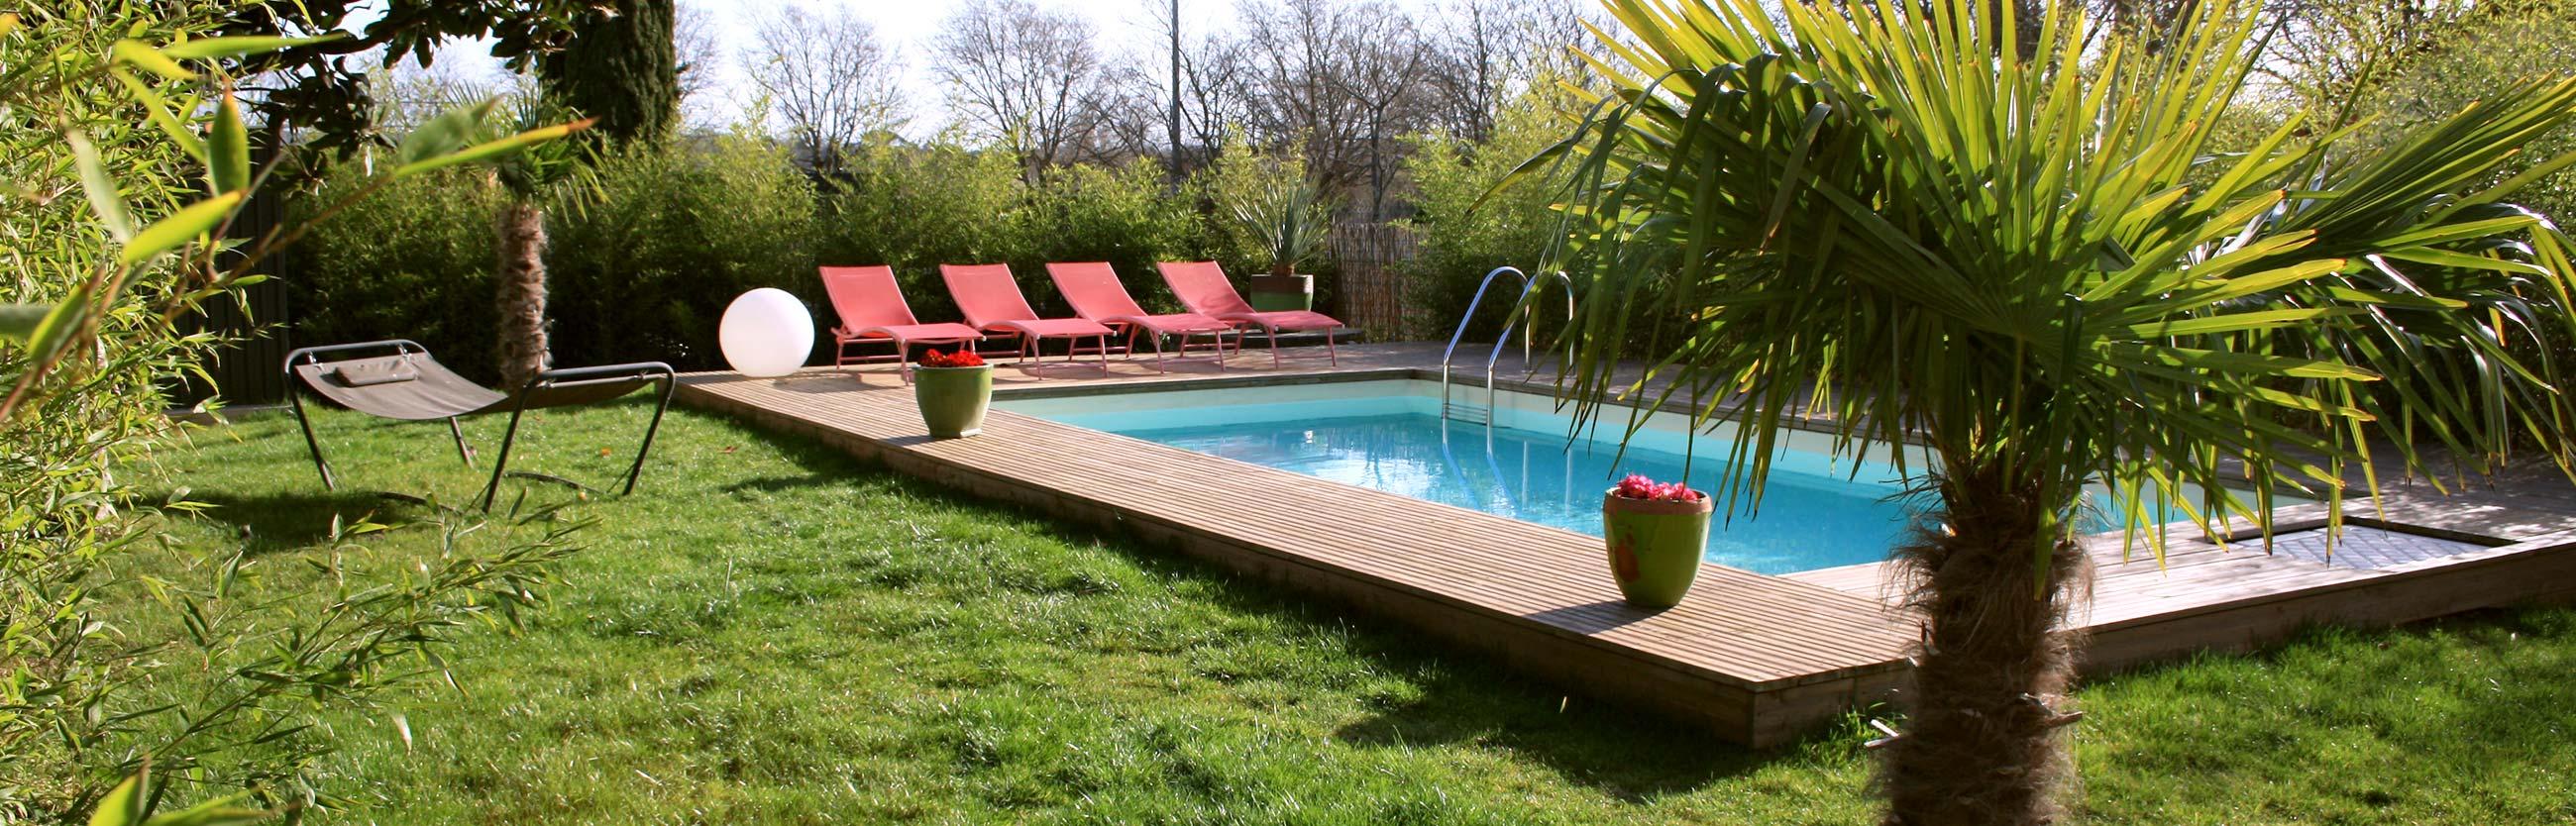 Maison d hote luxe toulouse ventana blog - Maison d hote en alsace avec piscine ...